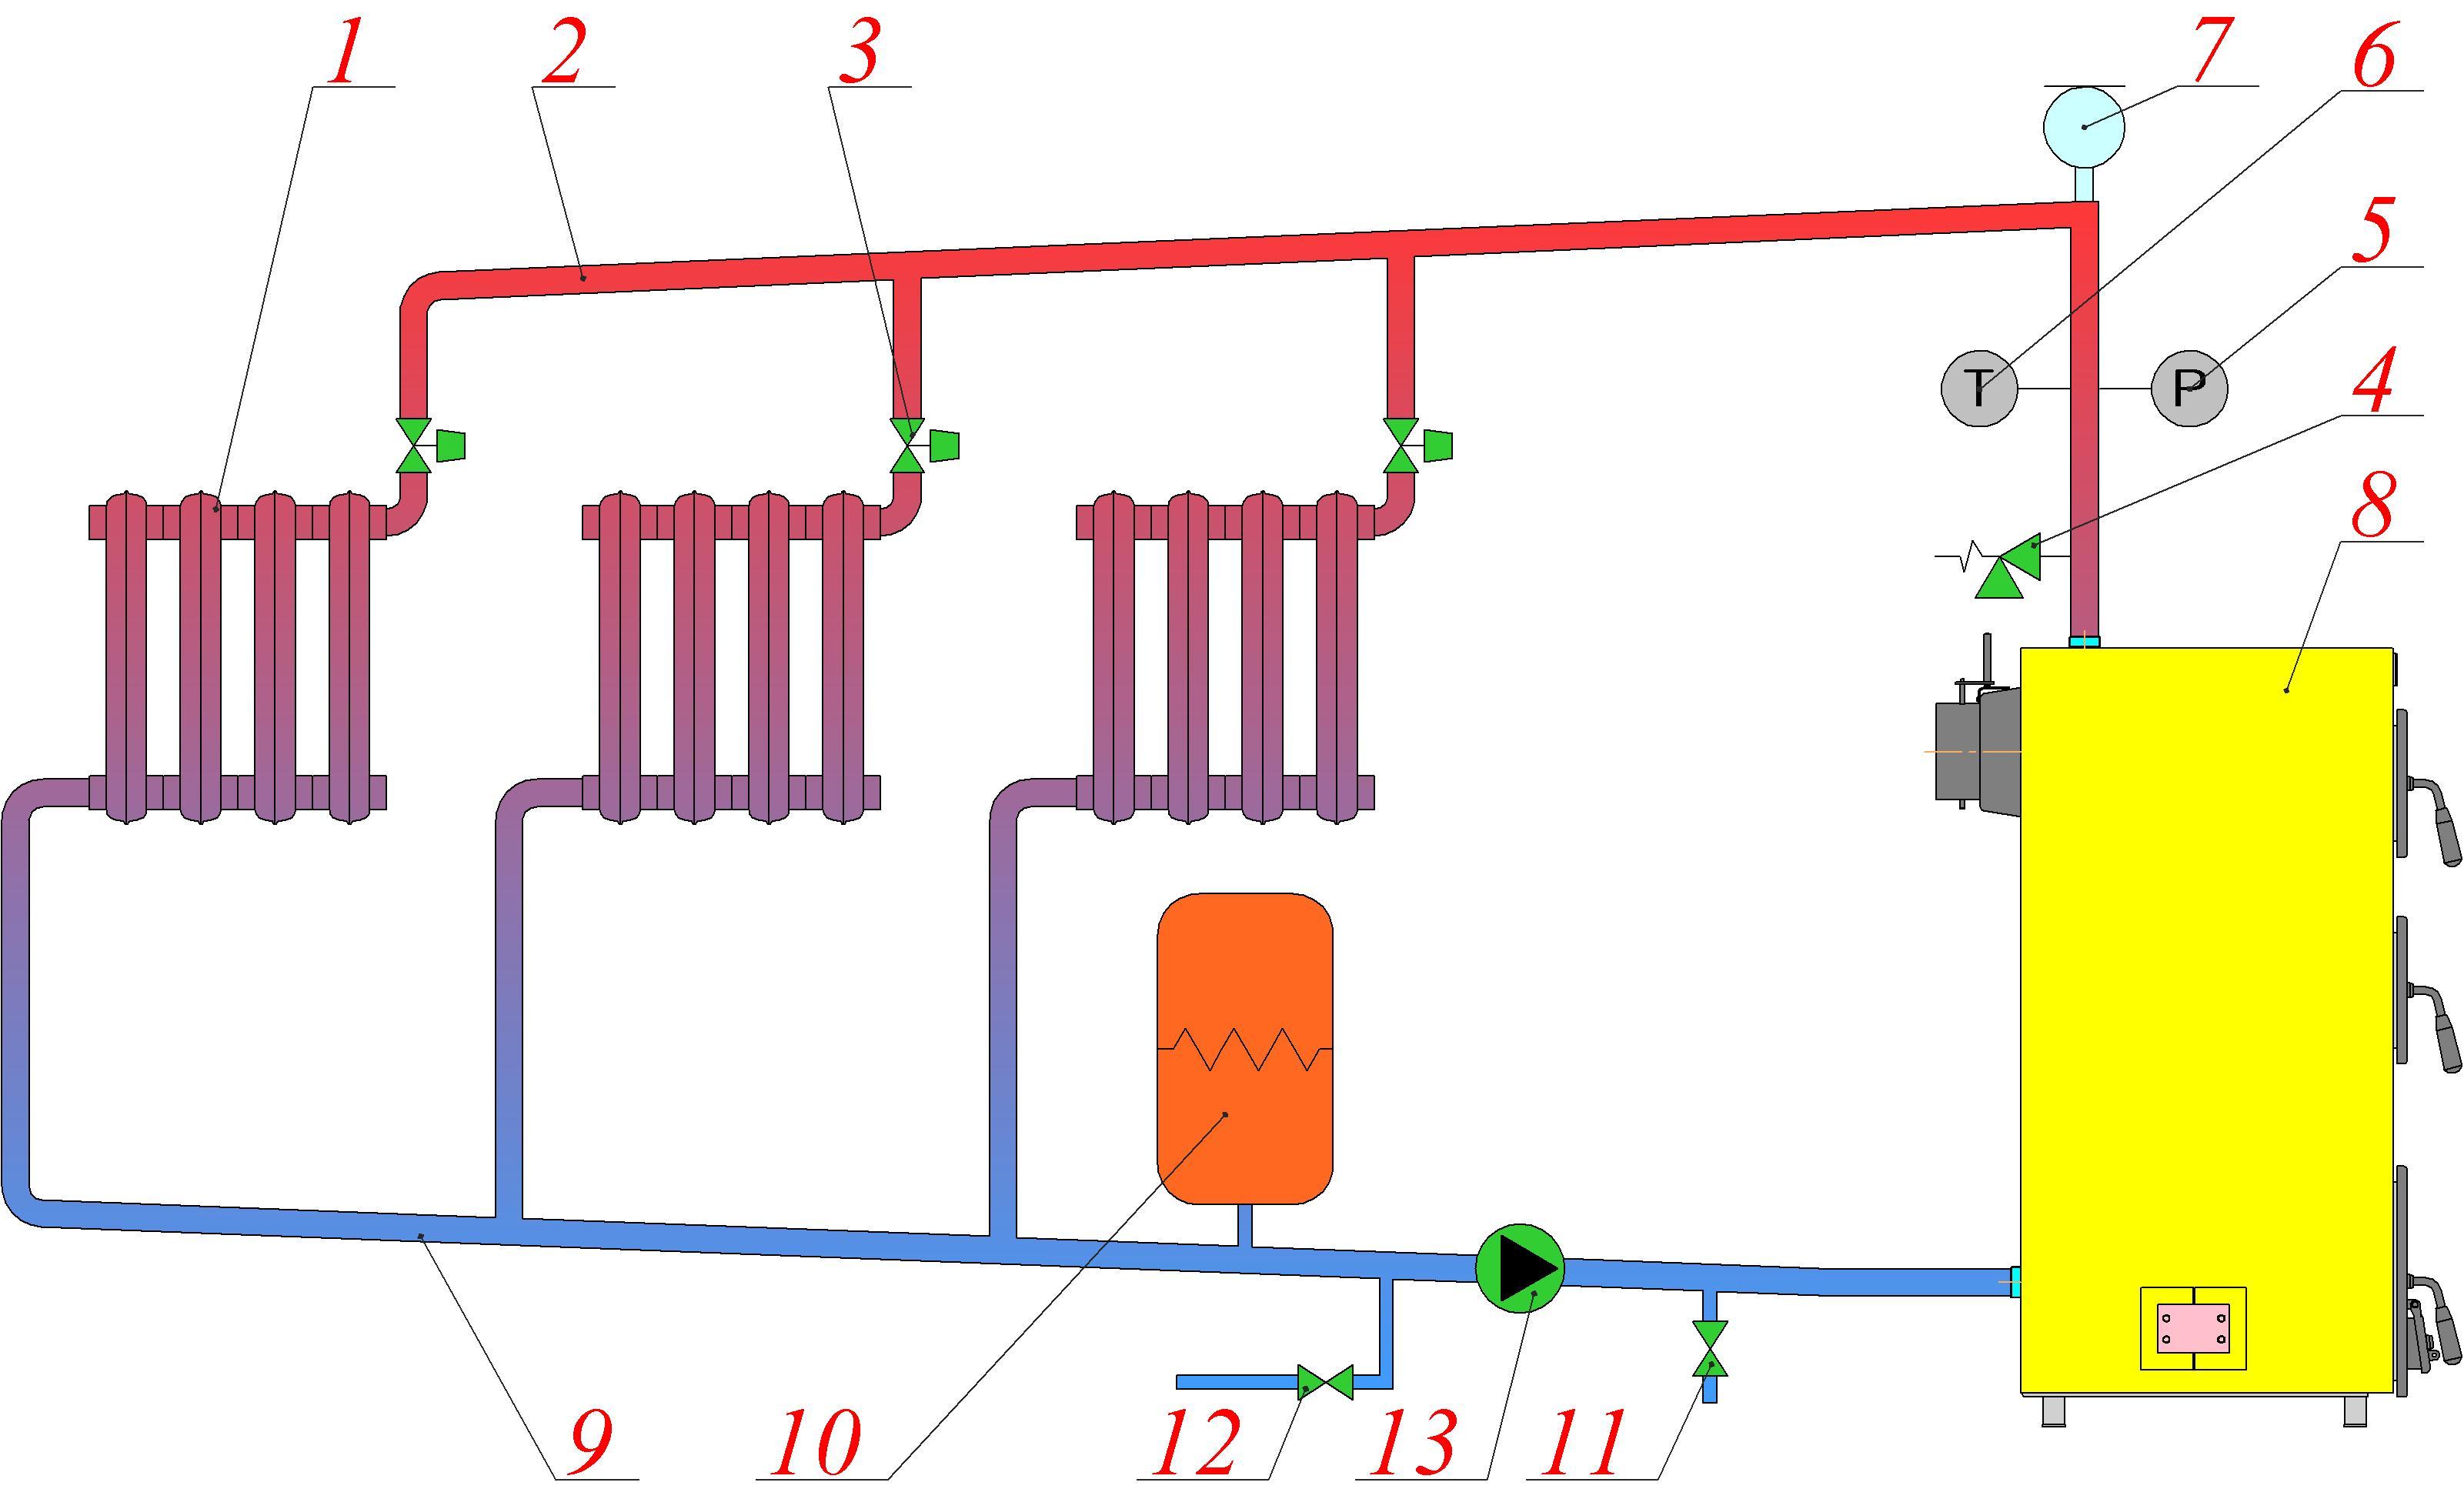 Схемы двухтрубного отопления с естественной циркуляцией